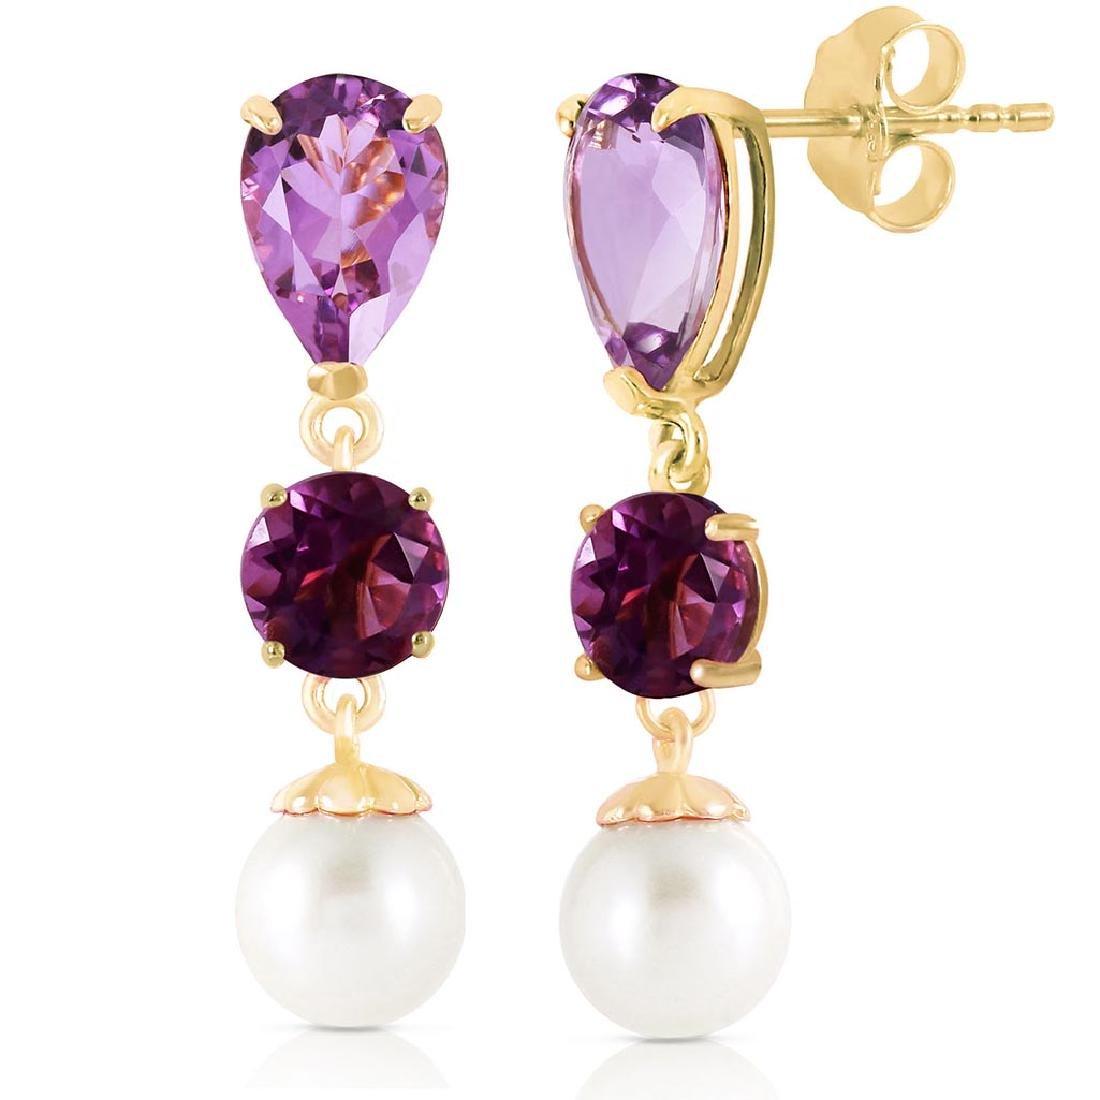 10.5 CTW 14K Solid Gold Chandelier Earrings Amethyst pe